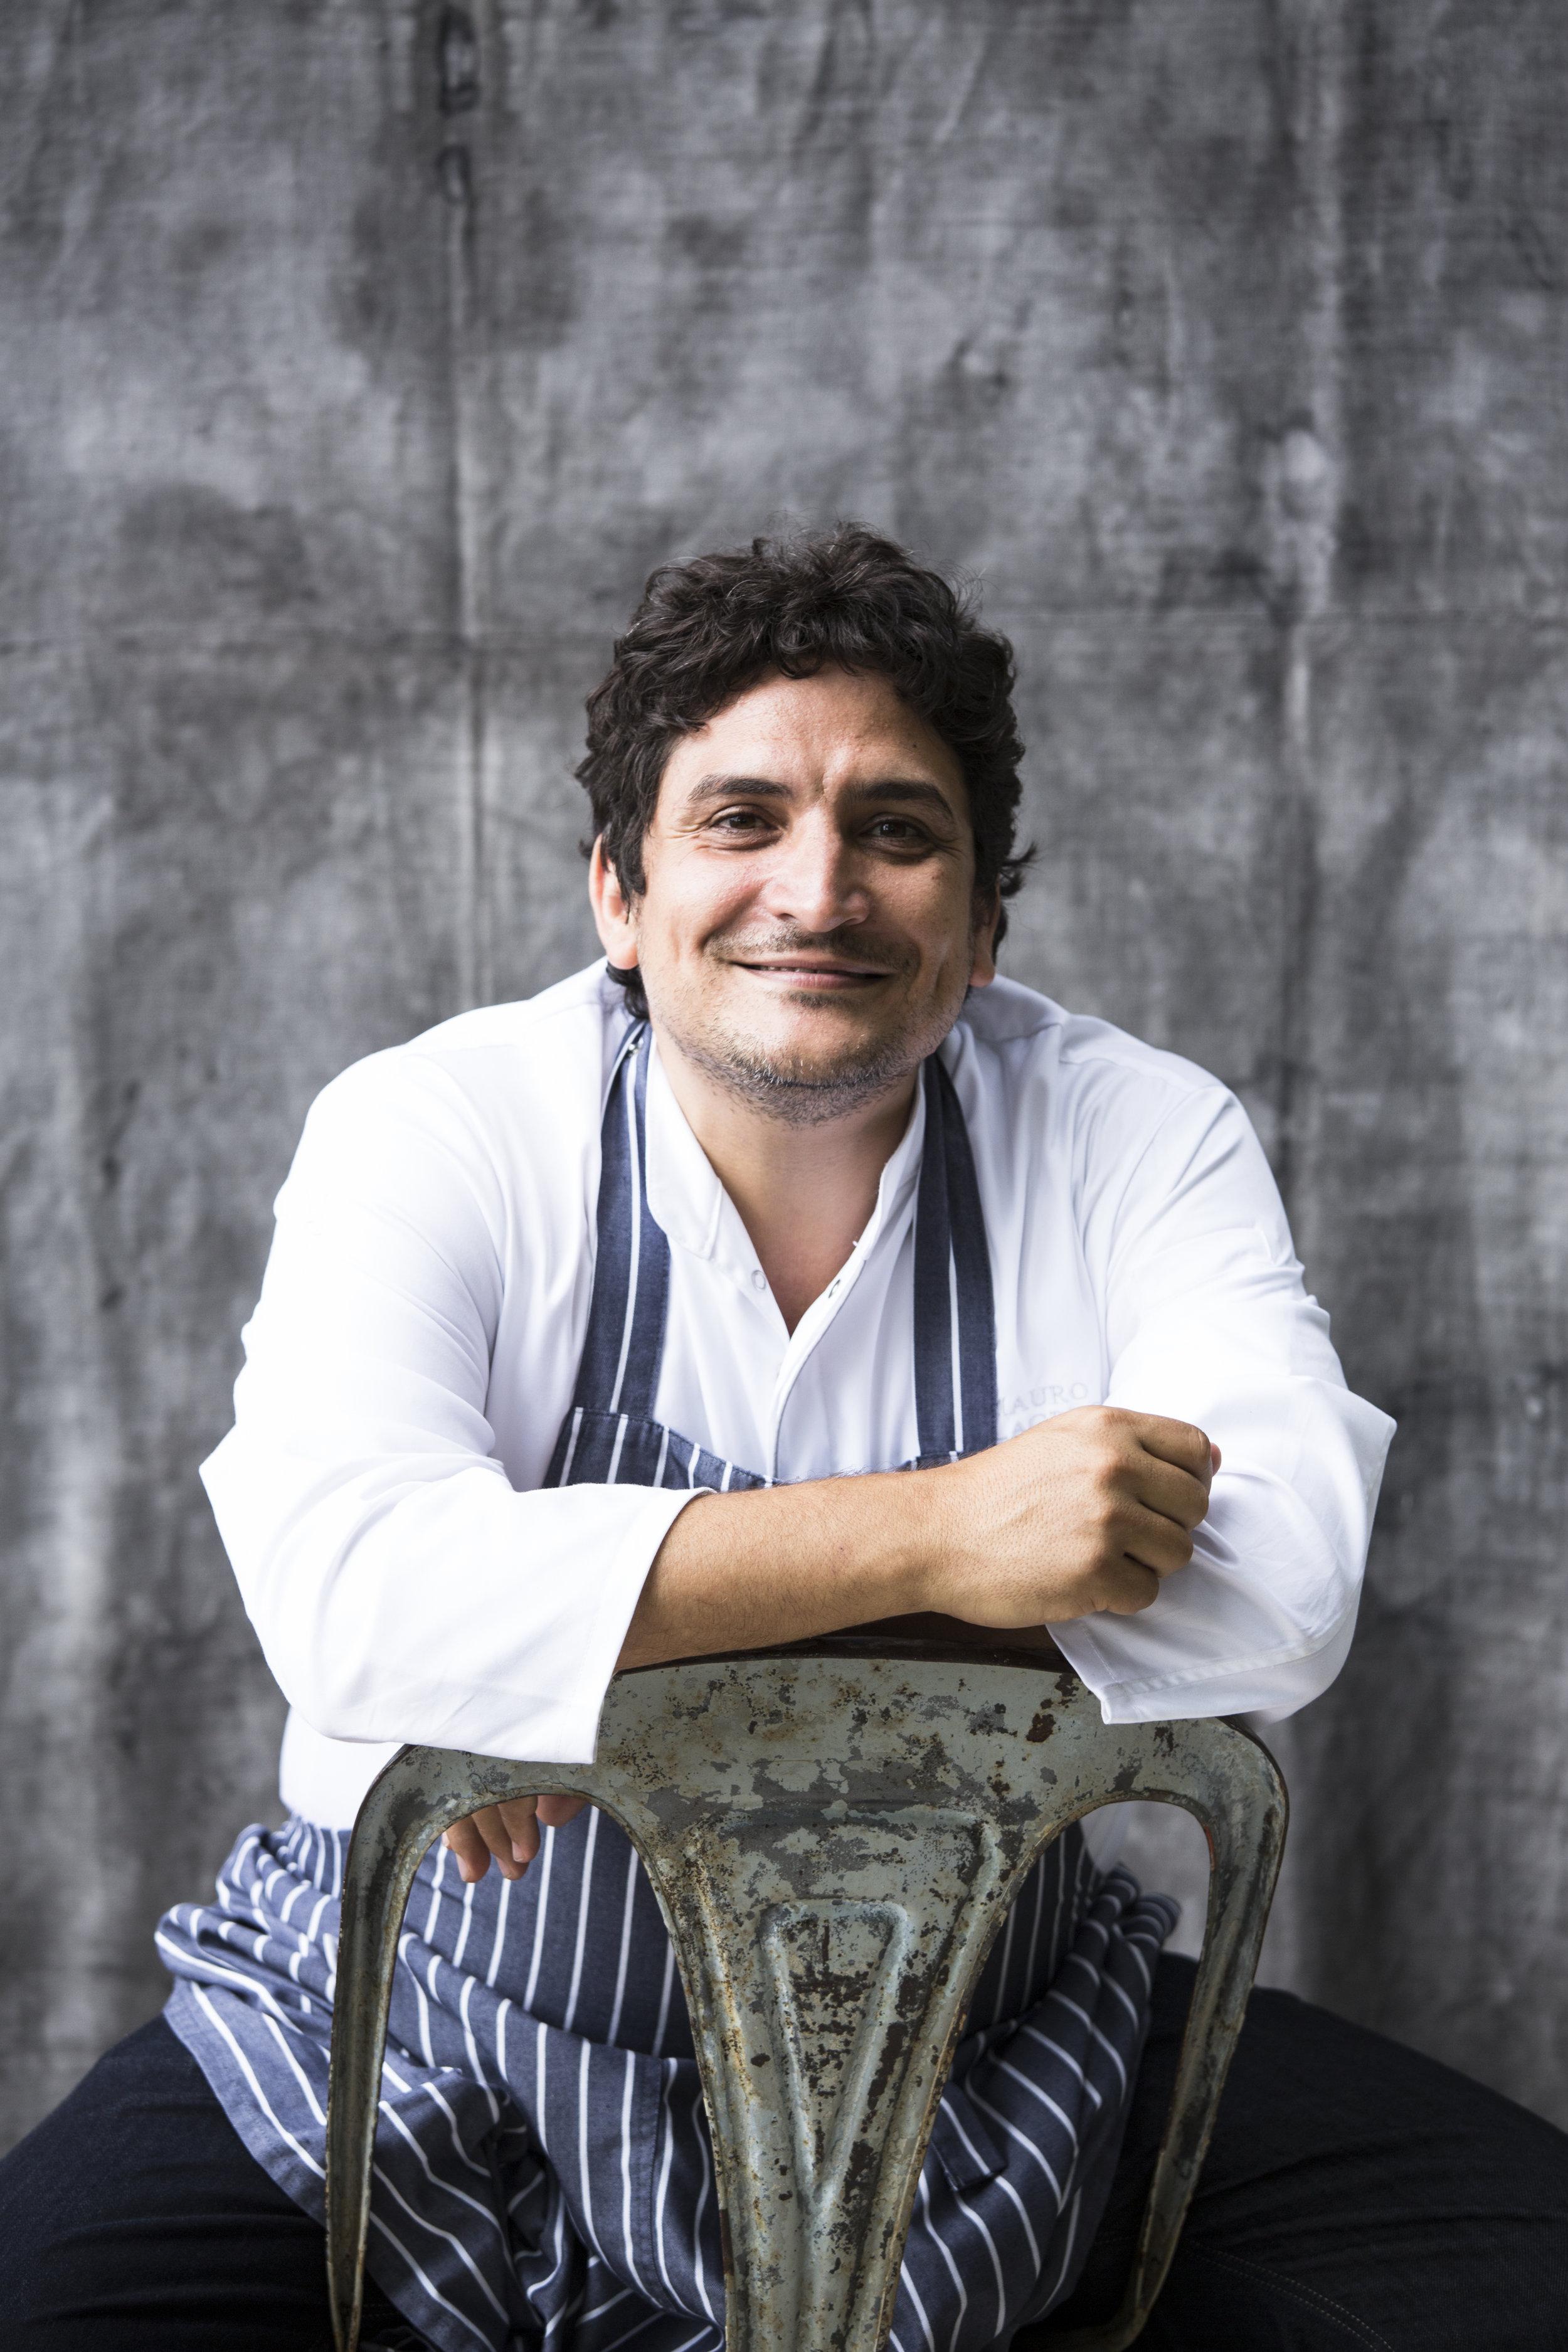 Lo chef italo argentino Mauro Colagreco guida il Mirazur che si è aggiudicato il primo posto nella lista dei 50 migliori ristoranti del mondo.